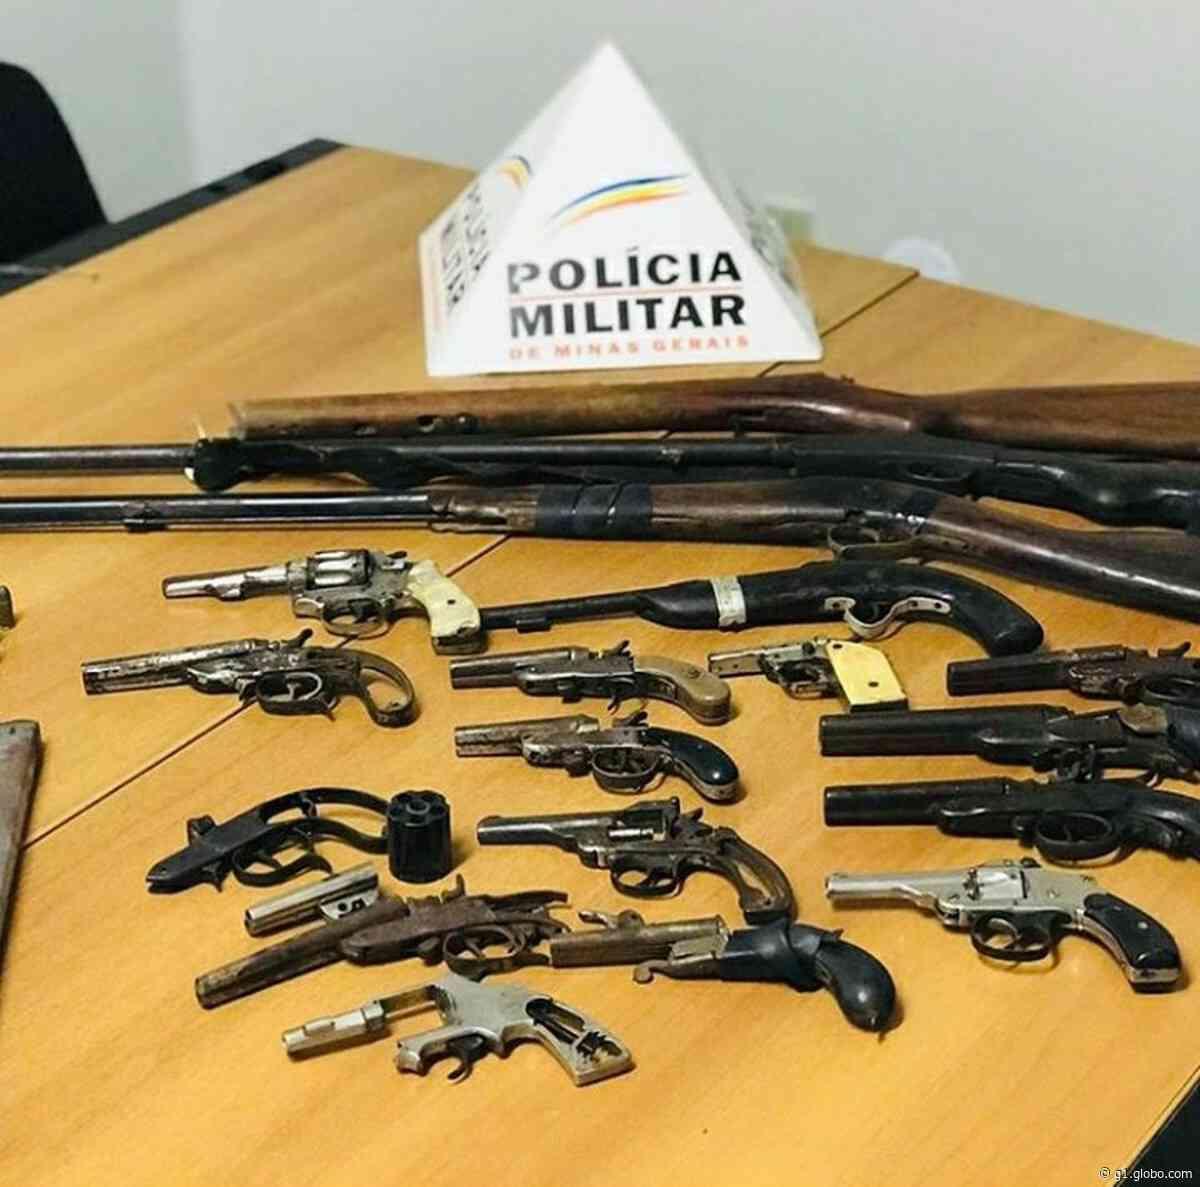 Após denúncia, homem é preso com treze armas e munições em Curvelo - G1